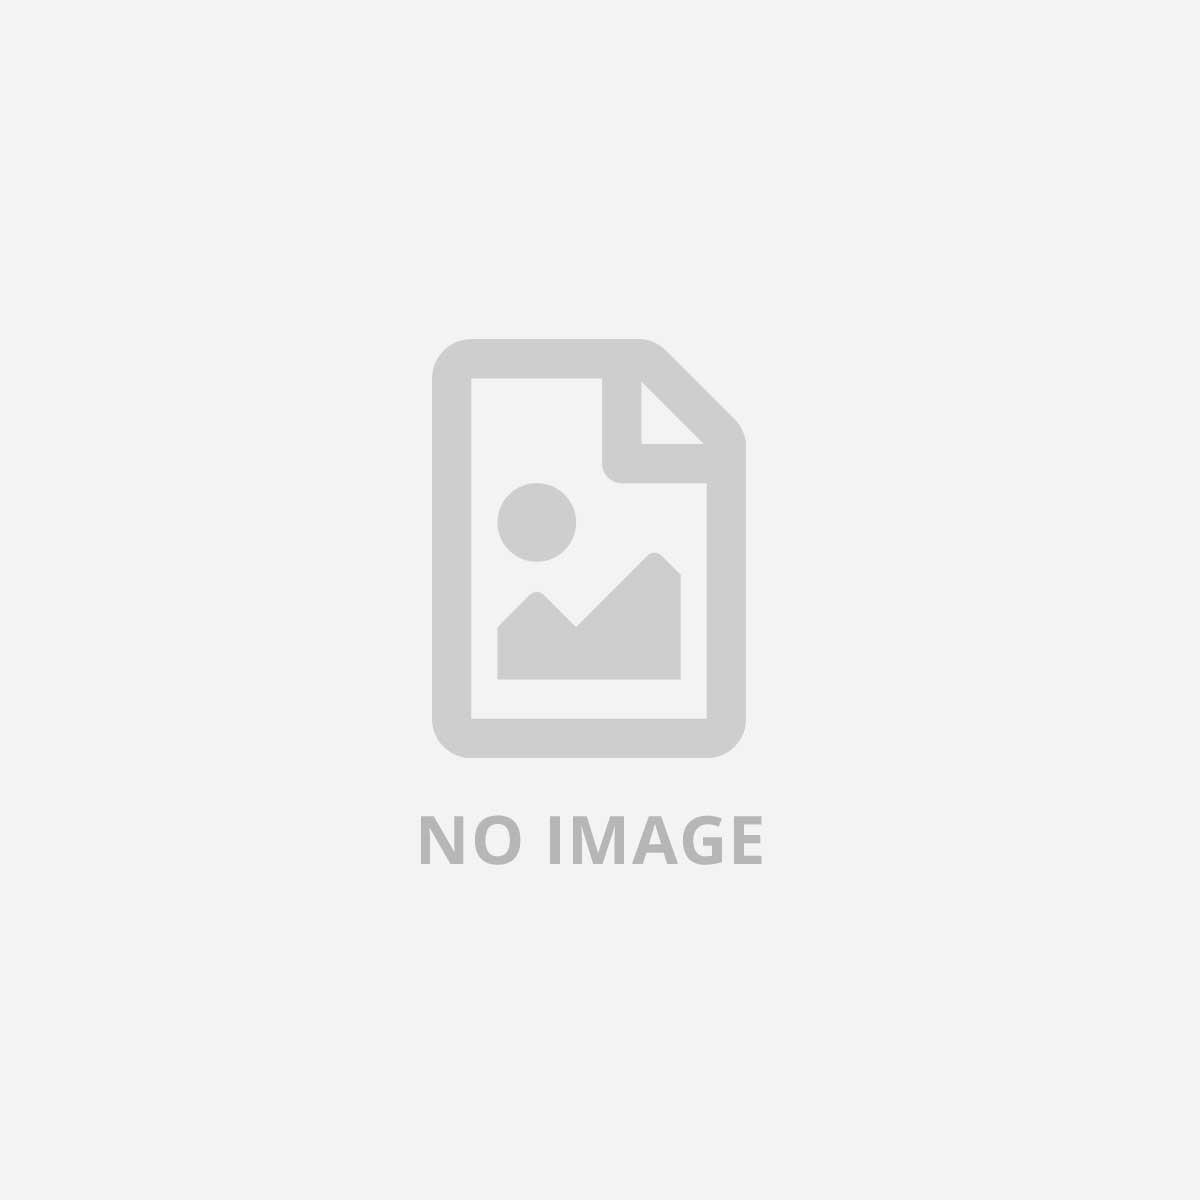 FUJIFILM CUT PROVIA100F NP 4X5 20